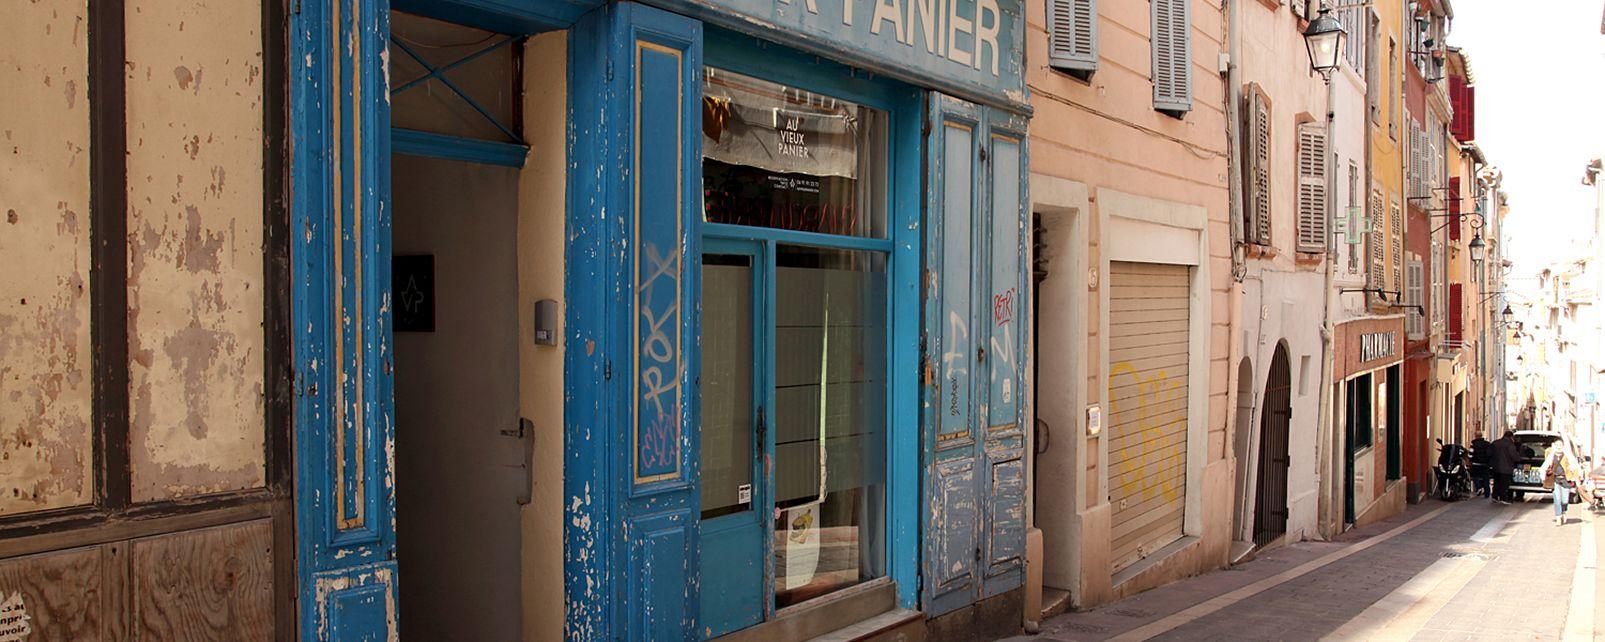 Hôtel Au Vieux Panier